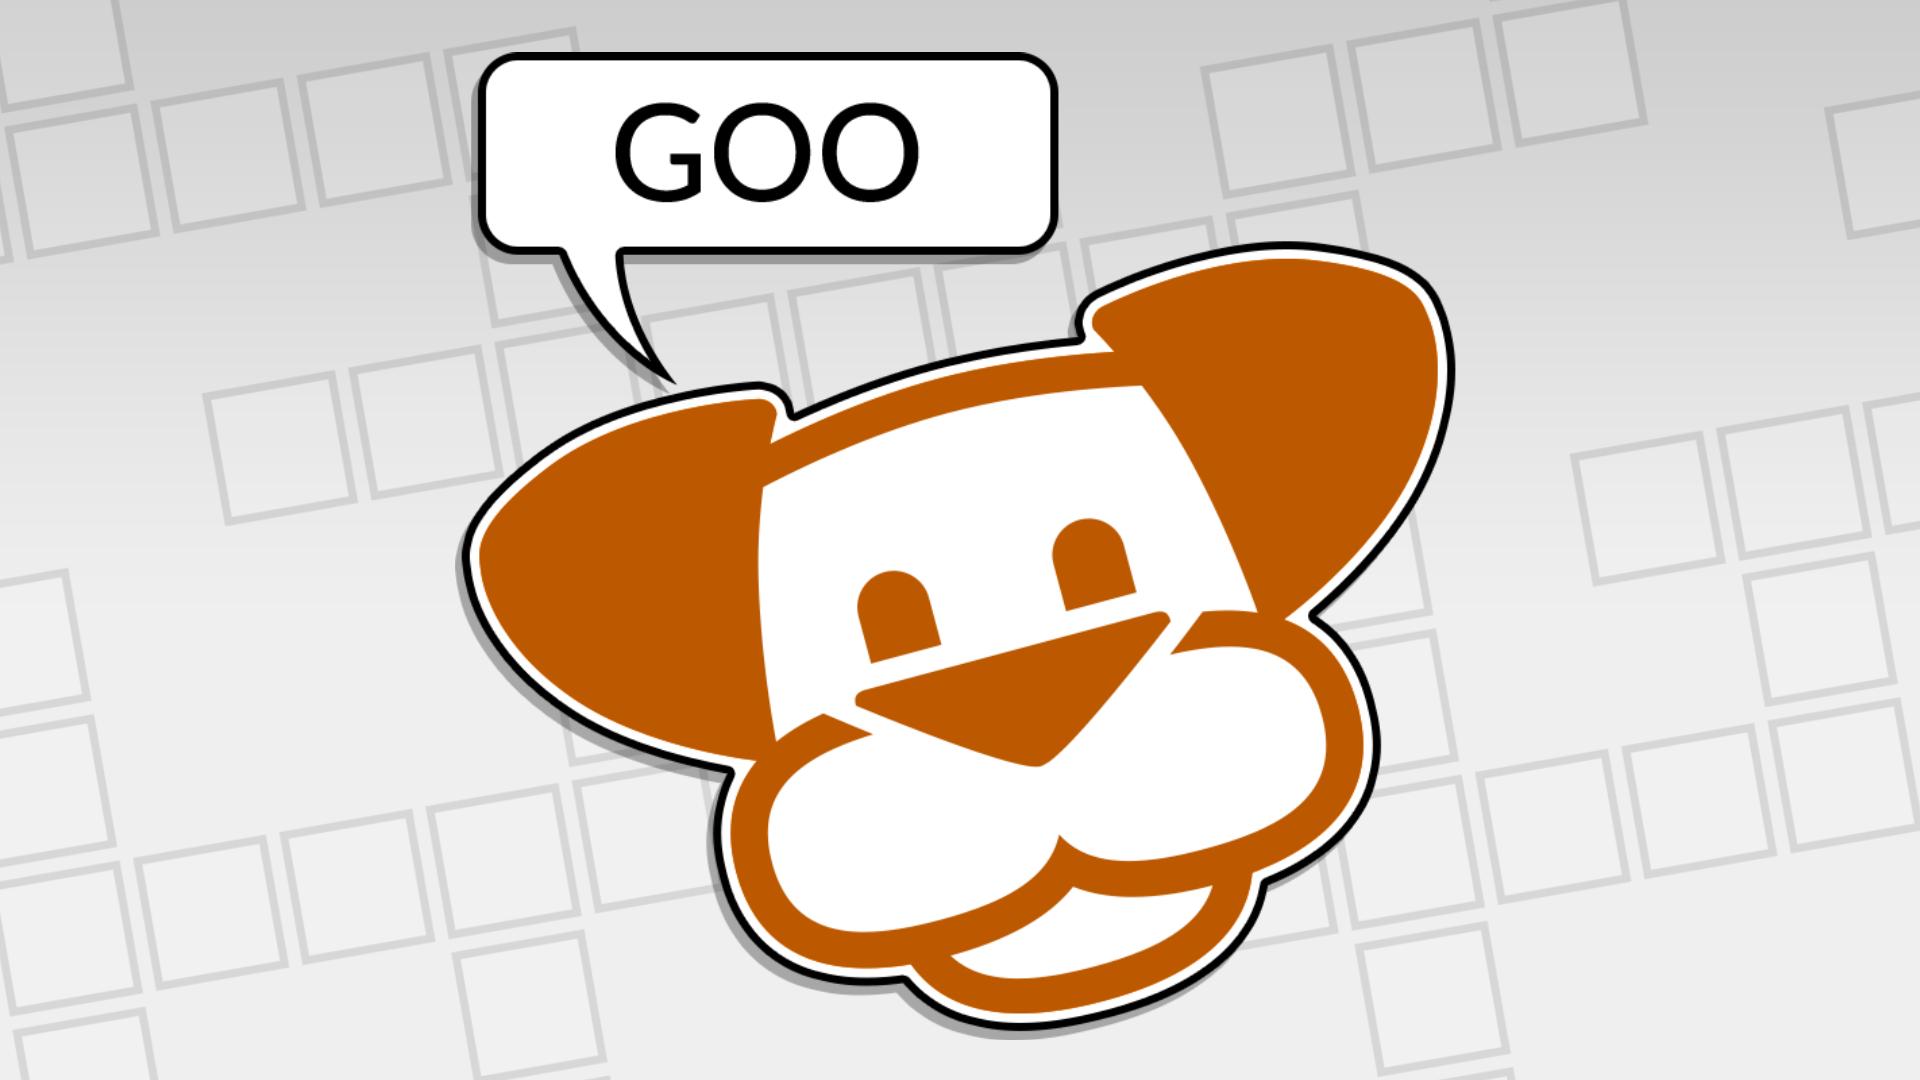 Icon for Goo-ooonnn!